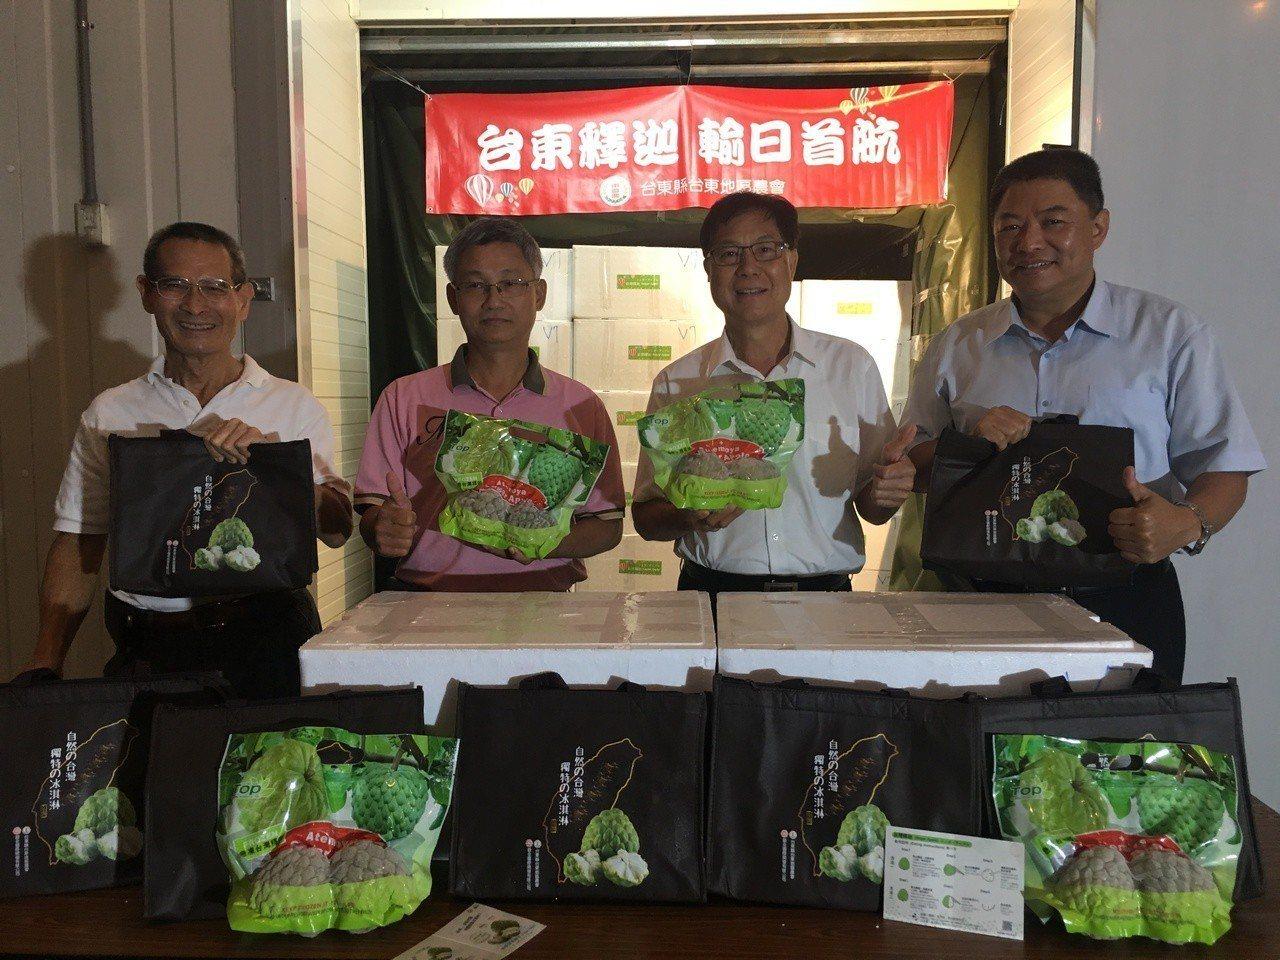 台東地區農會今天舉行釋迦輸日首航的記者會,這也是創下台灣釋迦外銷日本的歷史。記者...